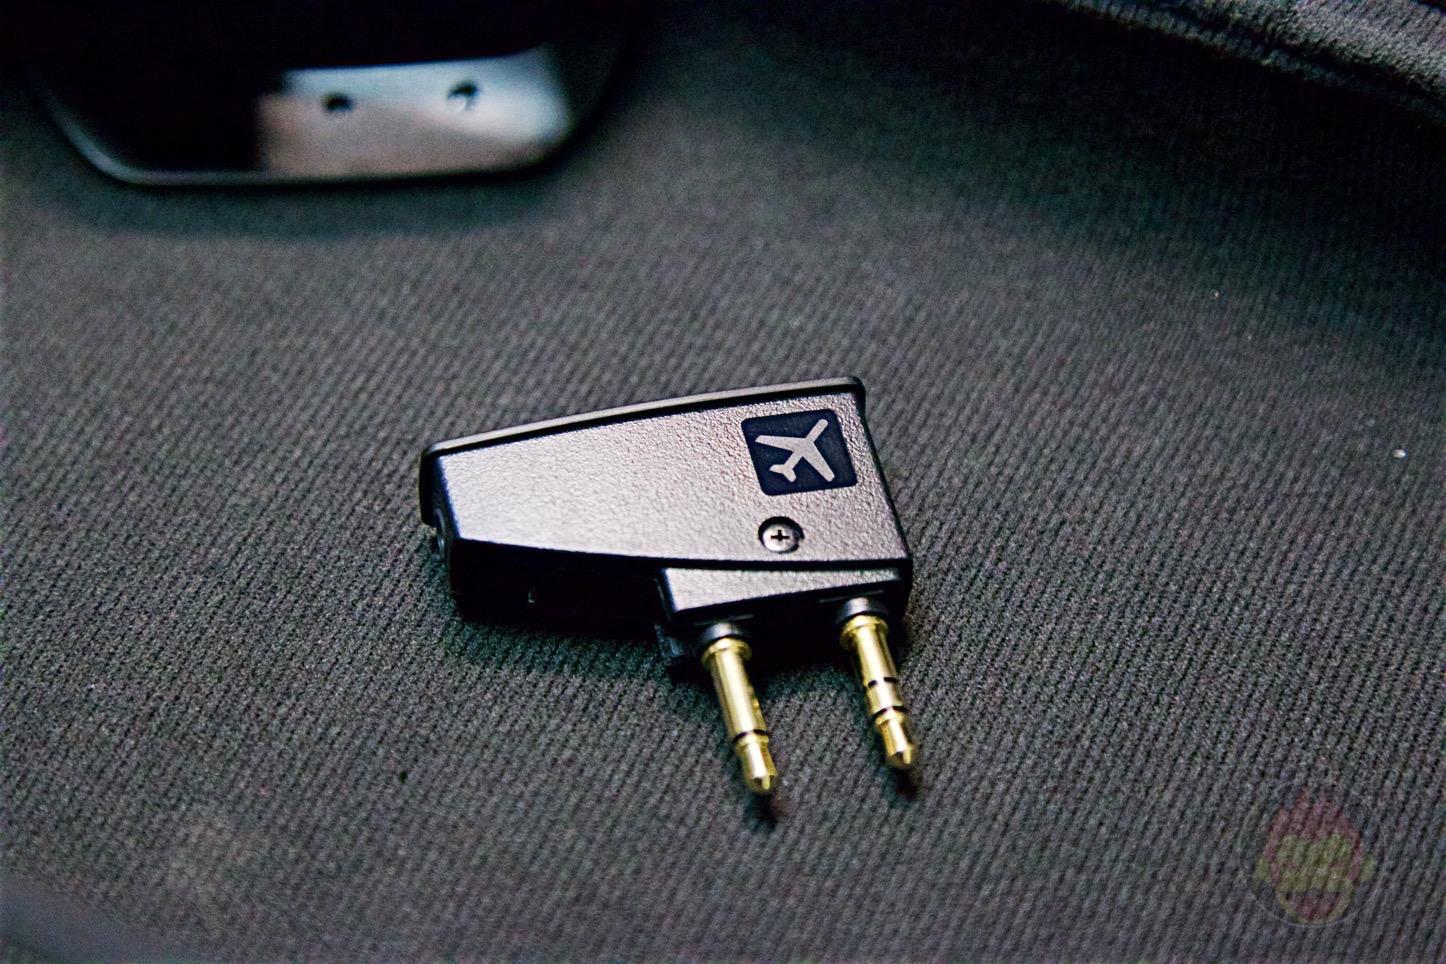 Bose-Quiet-Comfort35-16.jpg